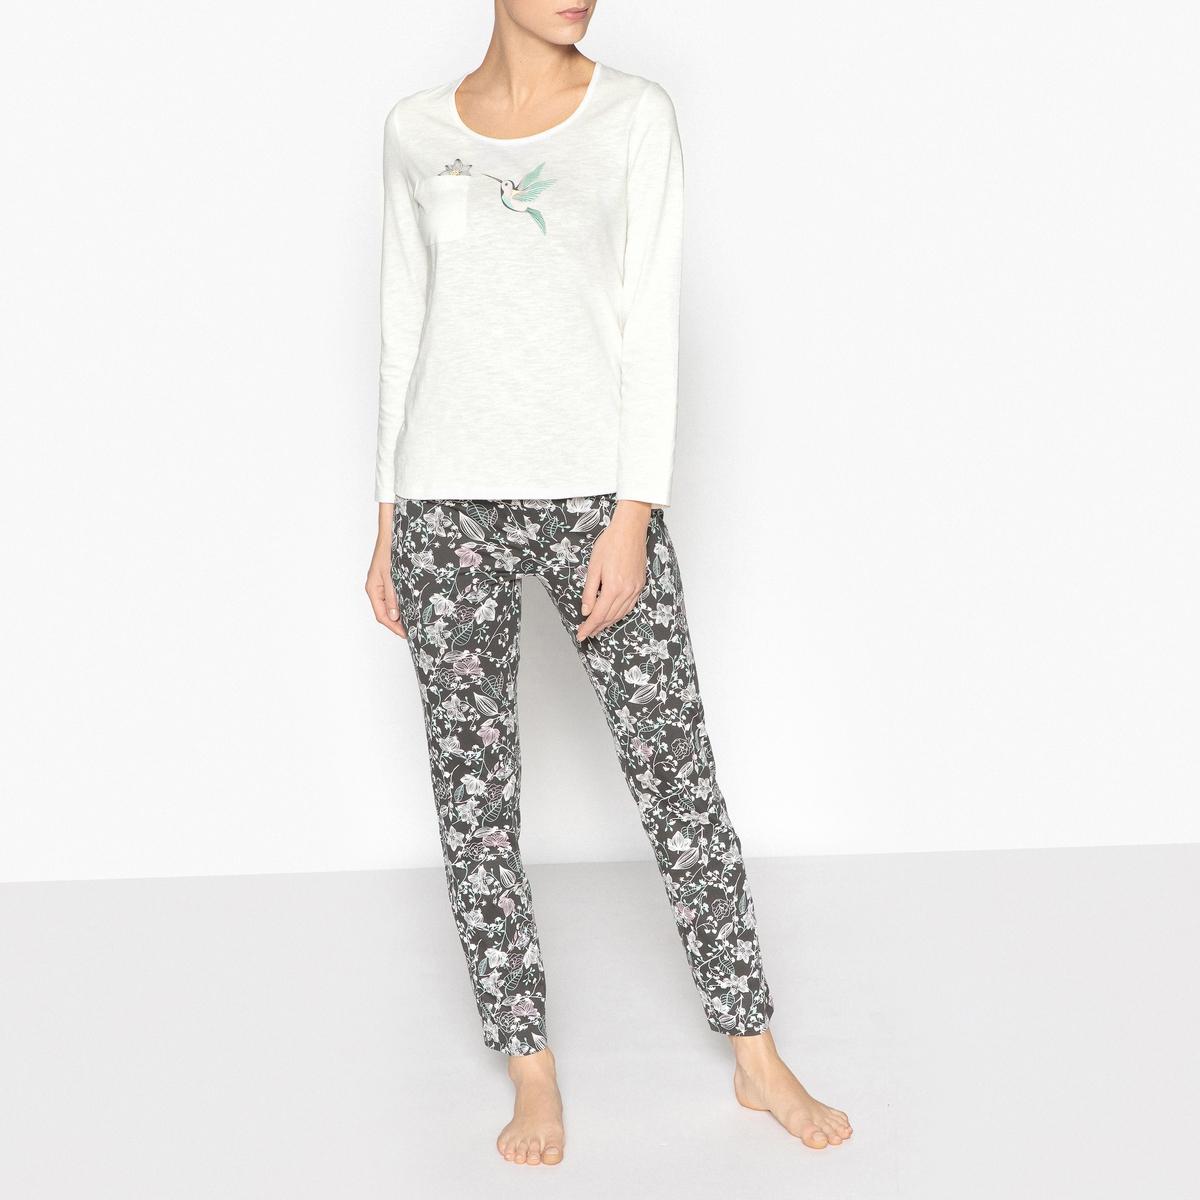 Пижама с рисункомОписание:Женская пижама с цветочным рисунком. Красивый верх с рисунком птица и брюки яркой расцветки. Идеальная пижама для отдыха.Детали. •  Верх прямого покроя. •  Круглый вырез. •  Длинные рукава. •  Накладной карман спереди. •  Брюки с эластичным поясом.  •  Длина : Высота : 65 см.Длина по внутр.шву : 76 см..Состав и уход •  Материал : 100% хлопок. •  Стирать при температуре 30° в деликатном режиме. •  Стирать с вещами схожих цветов. •  Стирать и гладить с изнаночной стороны. •  Низкая температура глажки.<br><br>Цвет: набивной рисунок<br>Размер: 34/36 (FR) - 40/42 (RUS).46/48 (FR) - 52/54 (RUS).42/44 (FR) - 48/50 (RUS).38/40 (FR) - 44/46 (RUS)